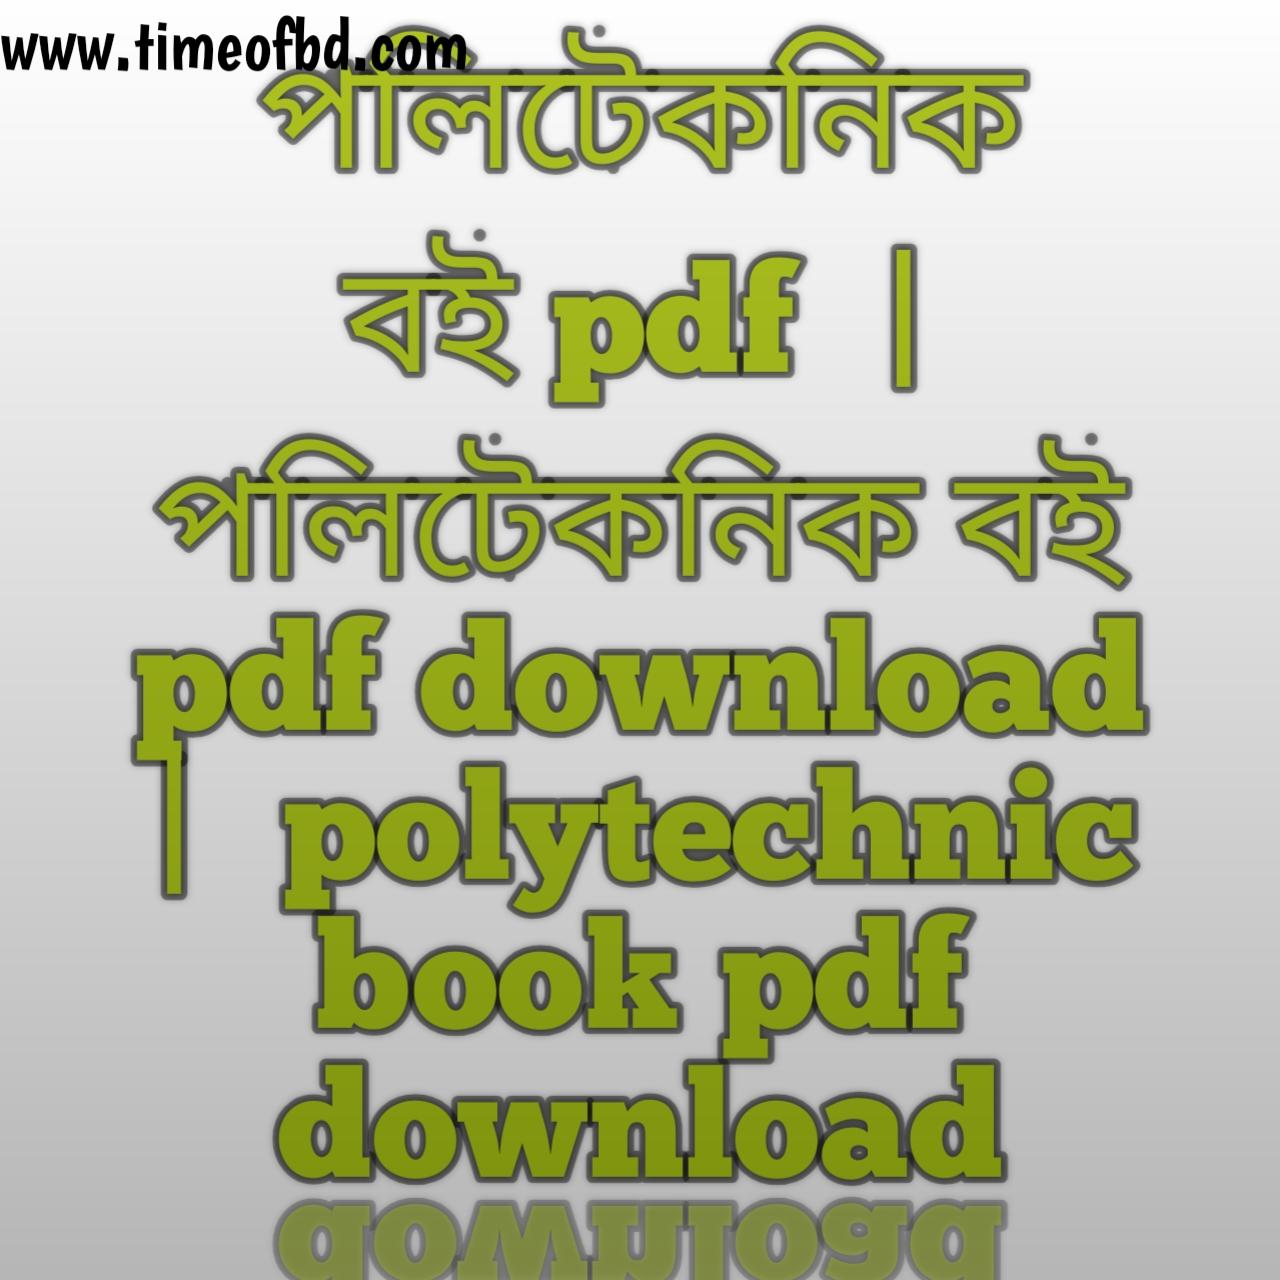 পলিটেকনিক বই pdf , পলিটেকনিক বই pdf download , পলিটেকনিক বই ডাউনলোড pdf, পলিটেকনিক এর বই Pdf